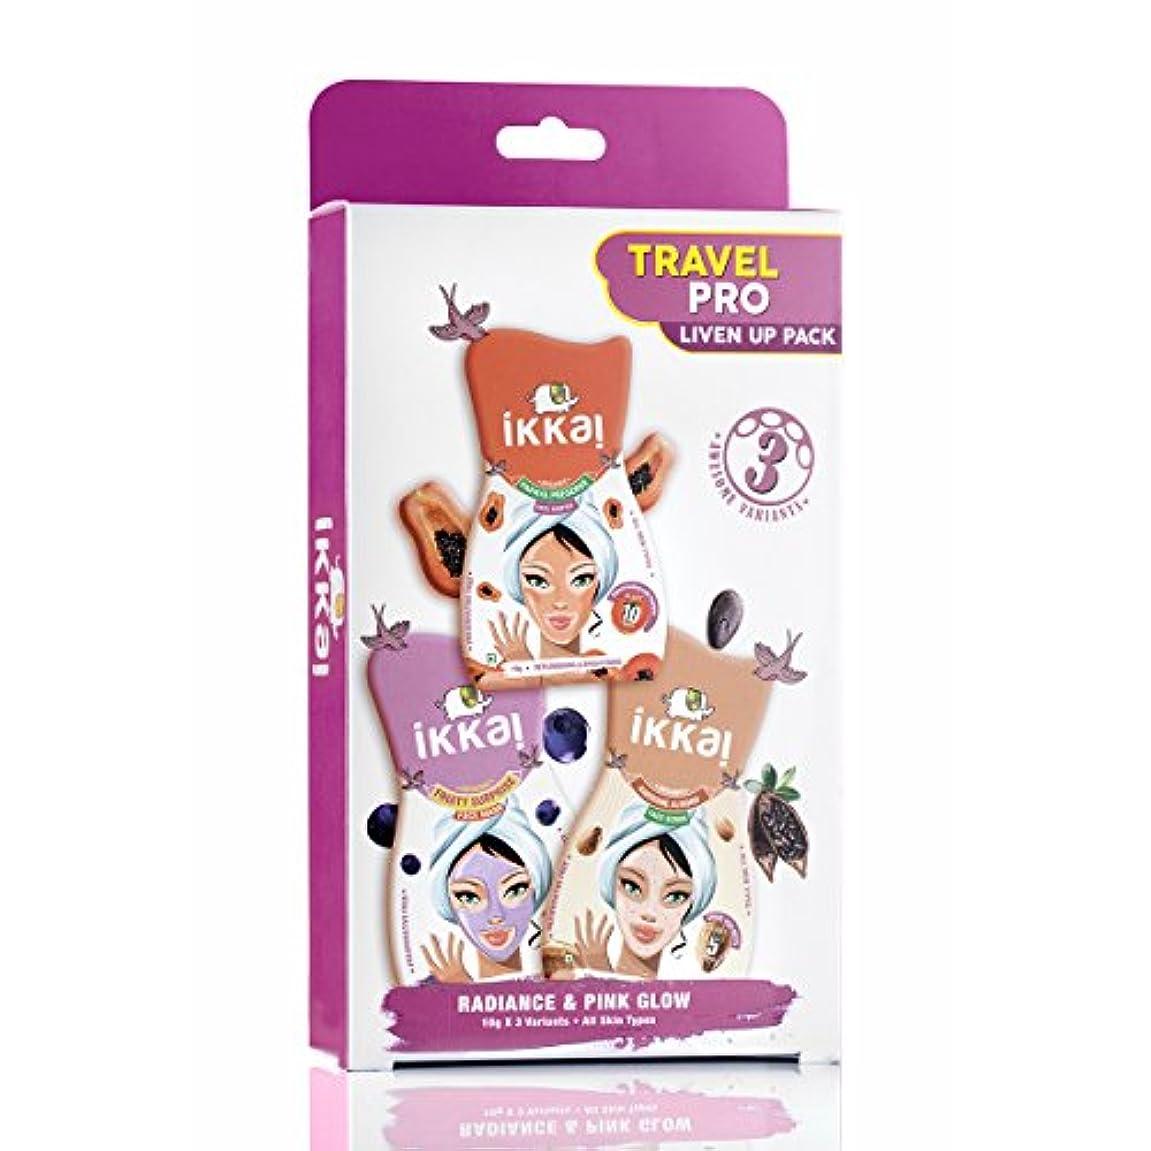 シール南延期するIkkai by Lotus Herbals Travel Pro Liven Up Pack (1 Face Mask, 1 Face Scrub and 1 Face Souffle)